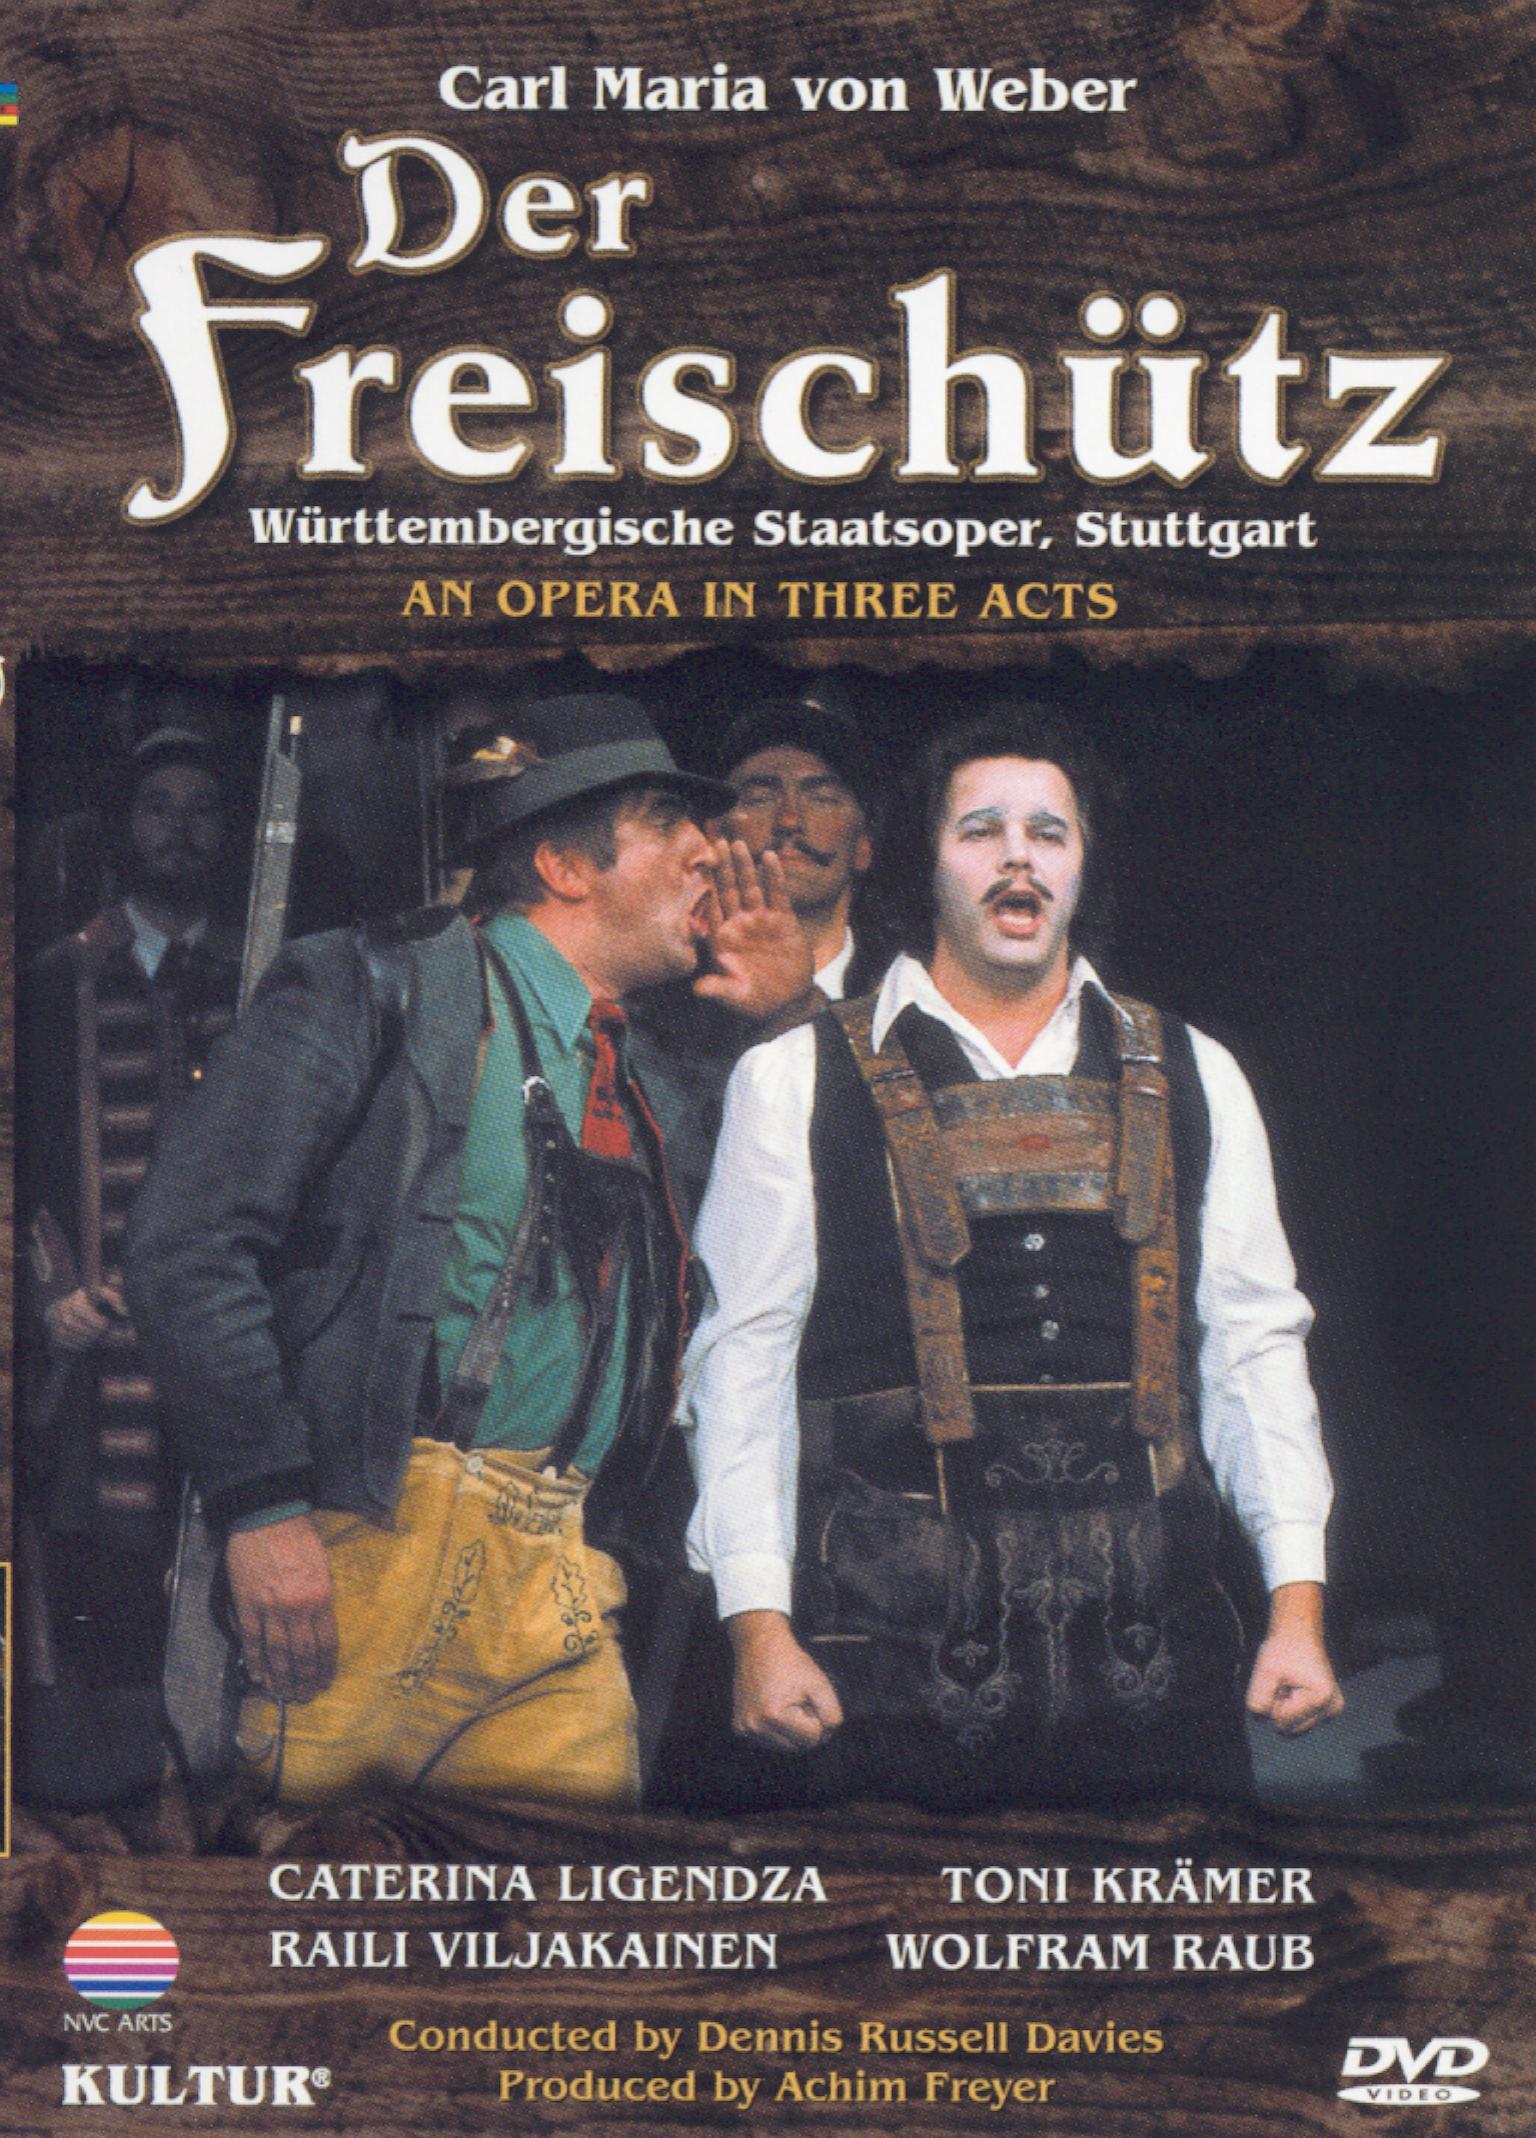 Der Freischutz (Wurttembergische Staatsoper, Stuttgart)